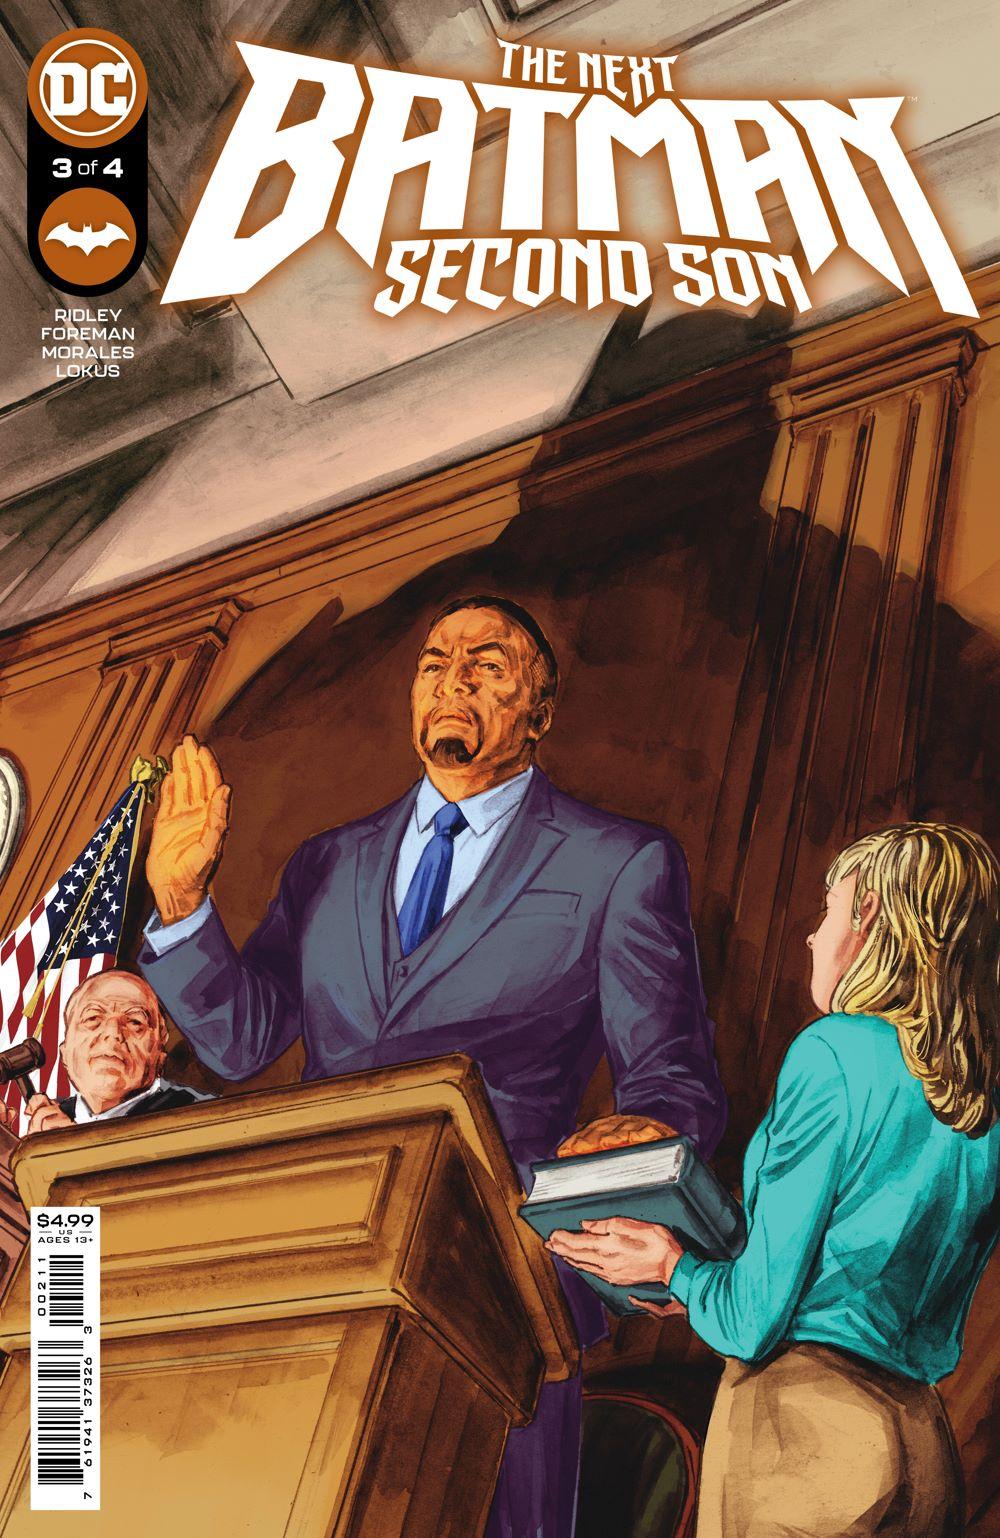 THENEXTBATMAN_SS_Cv3 DC Comics June 2021 Solicitations